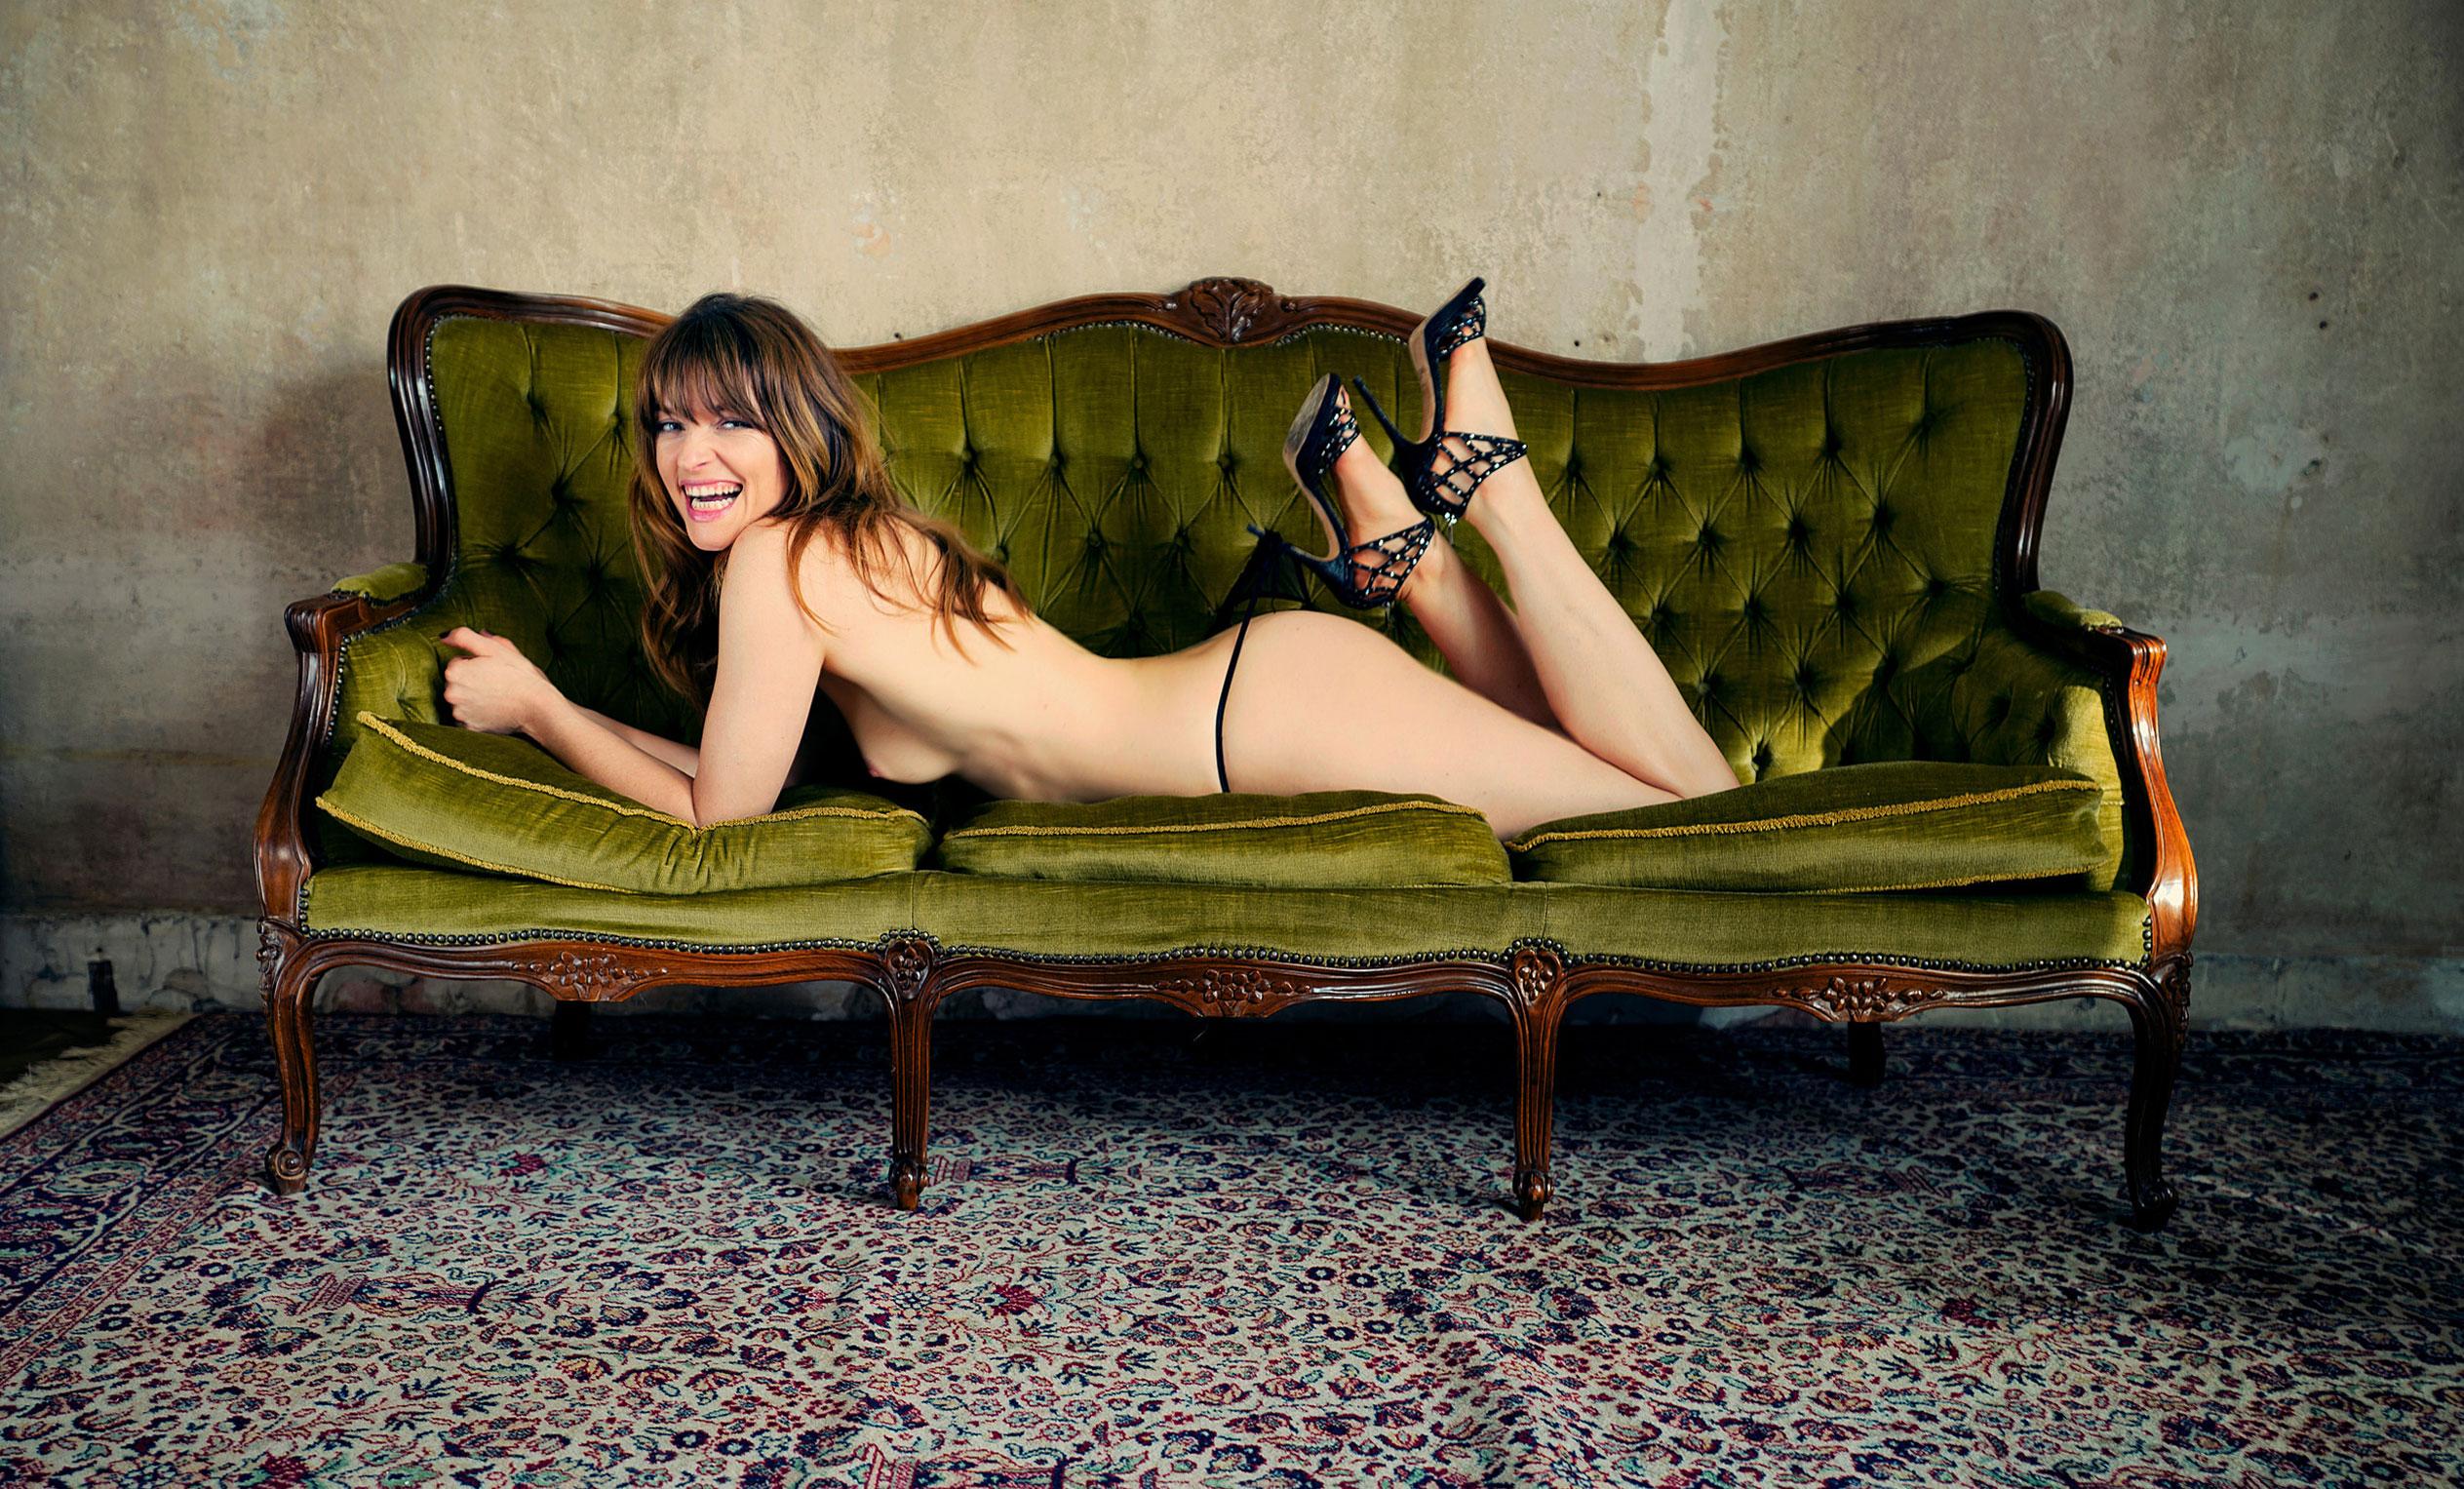 Звезда июльского номера Playboy Германия - актриса и музыкант Ина Пауле Клинк / фото 07